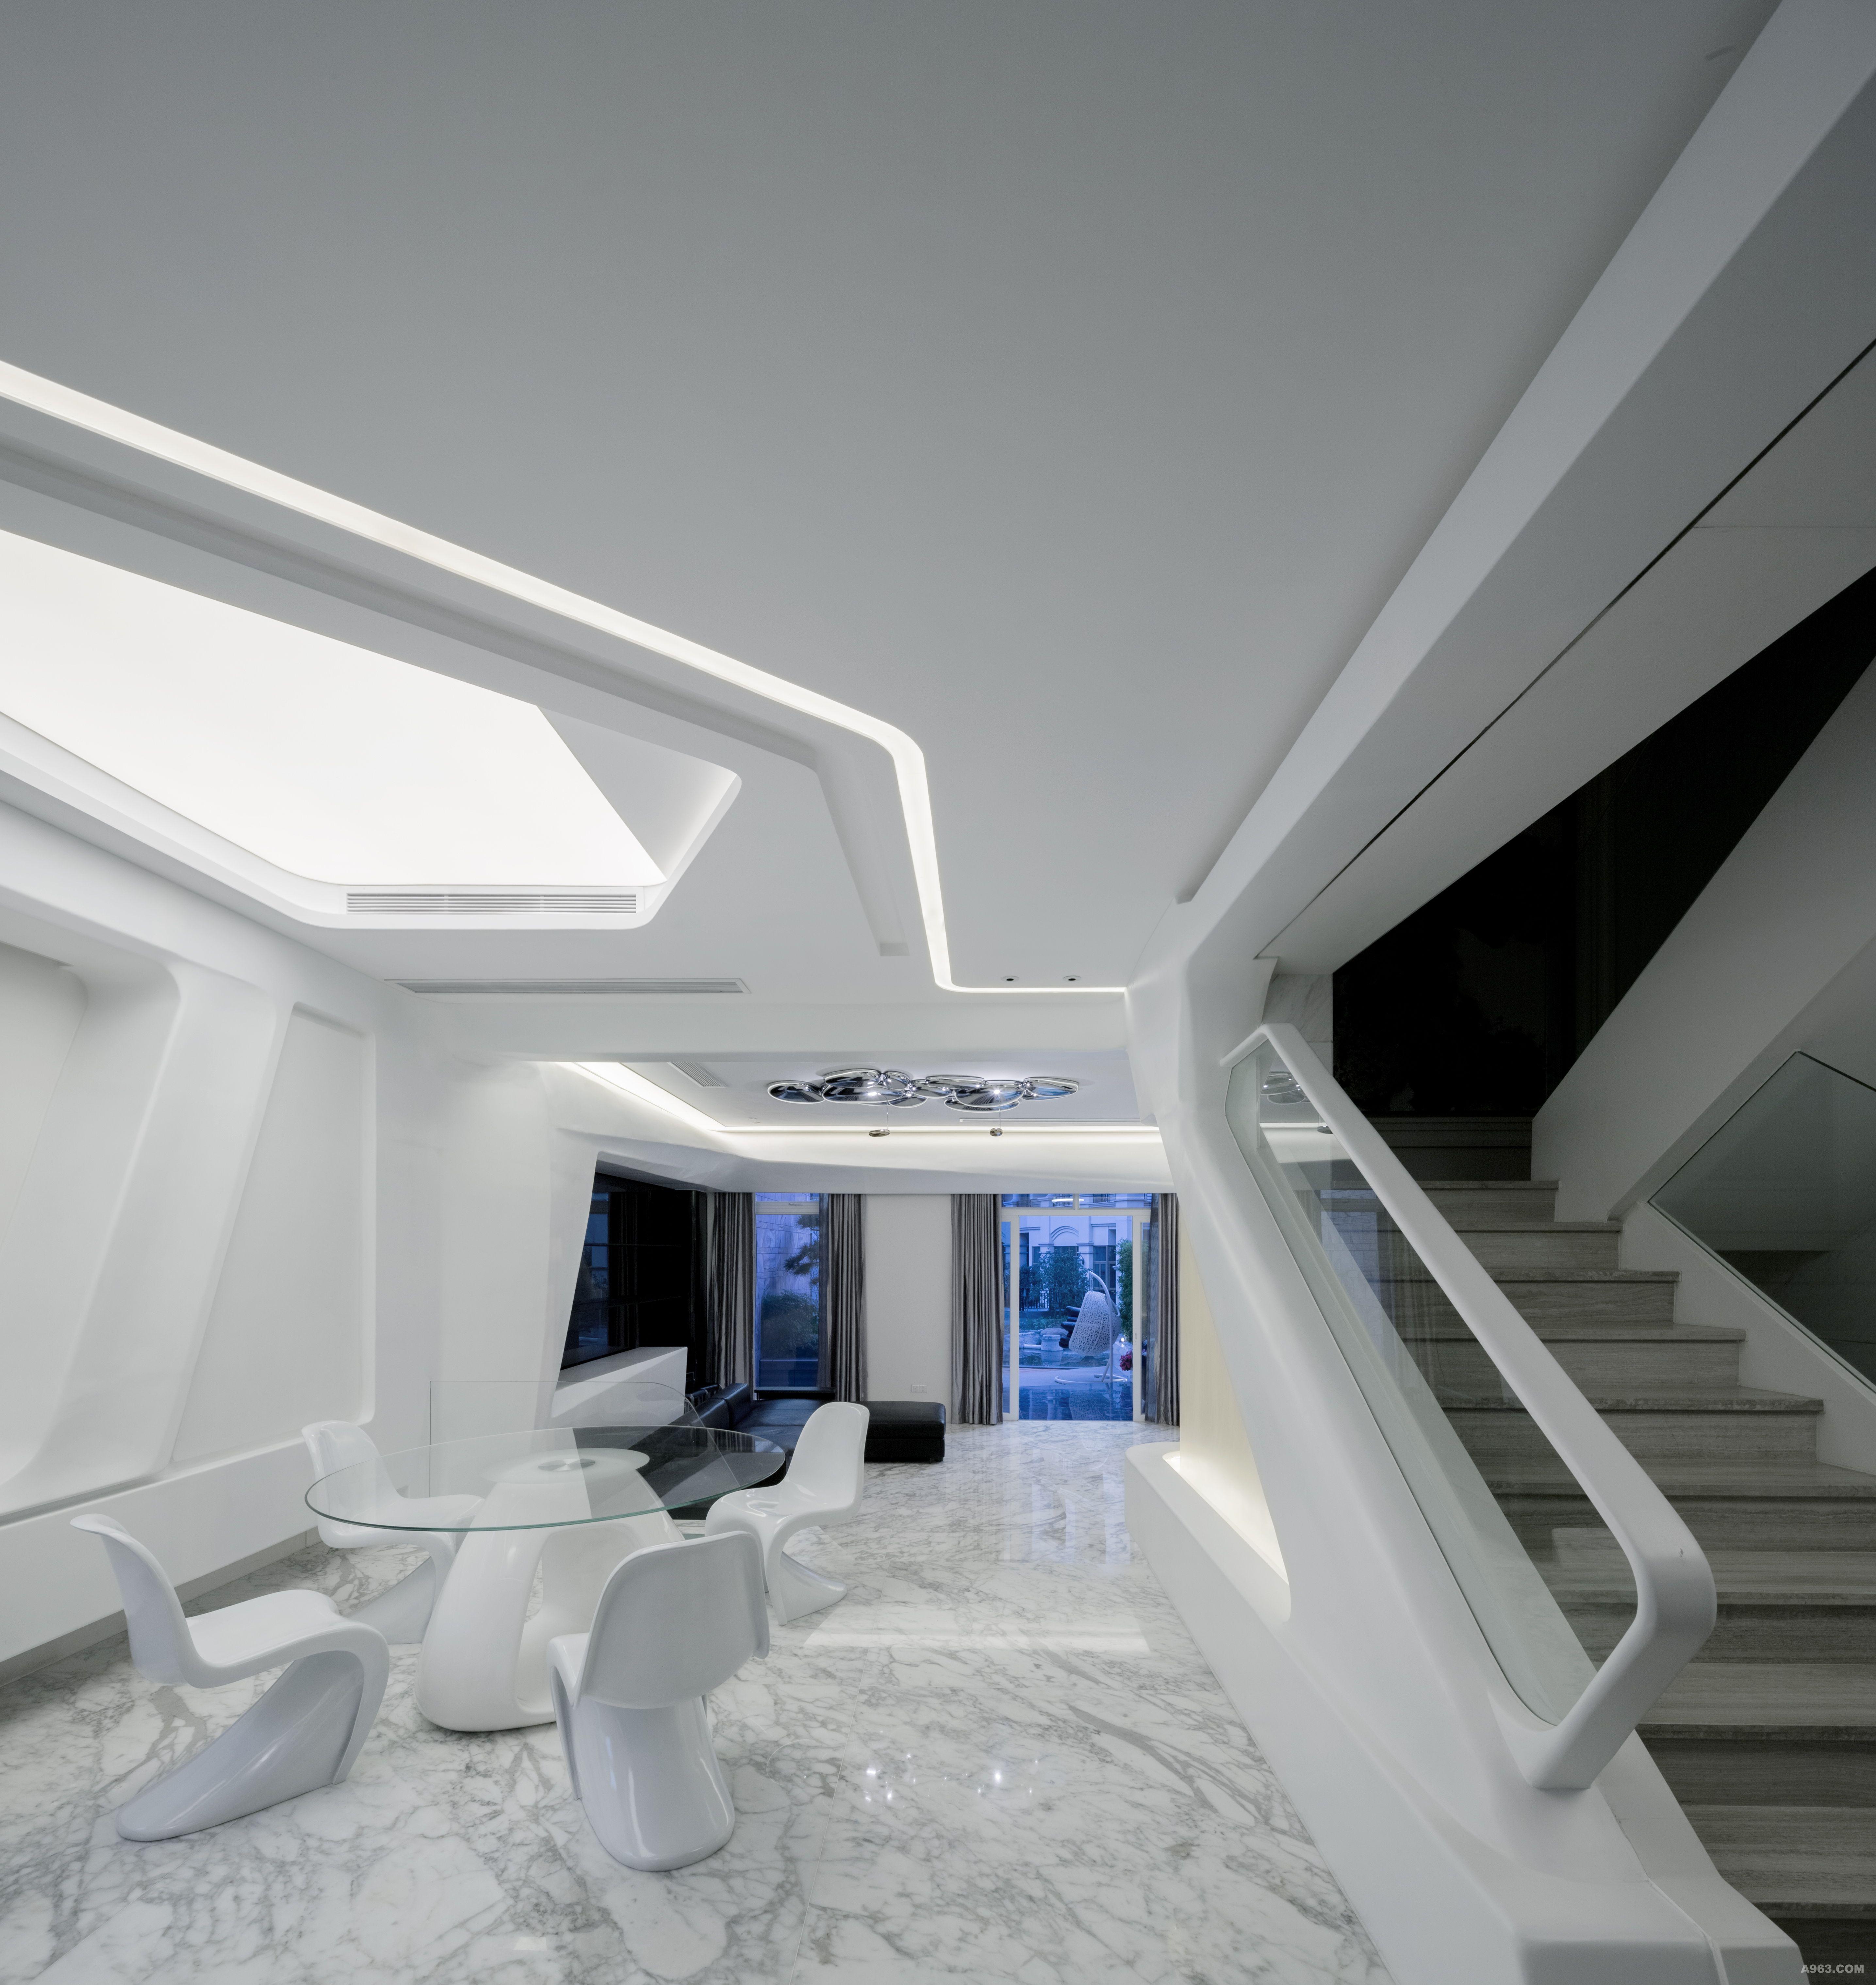 工业设计和室内设计将来的界限会更加模糊,流线的整体空间可以和家居